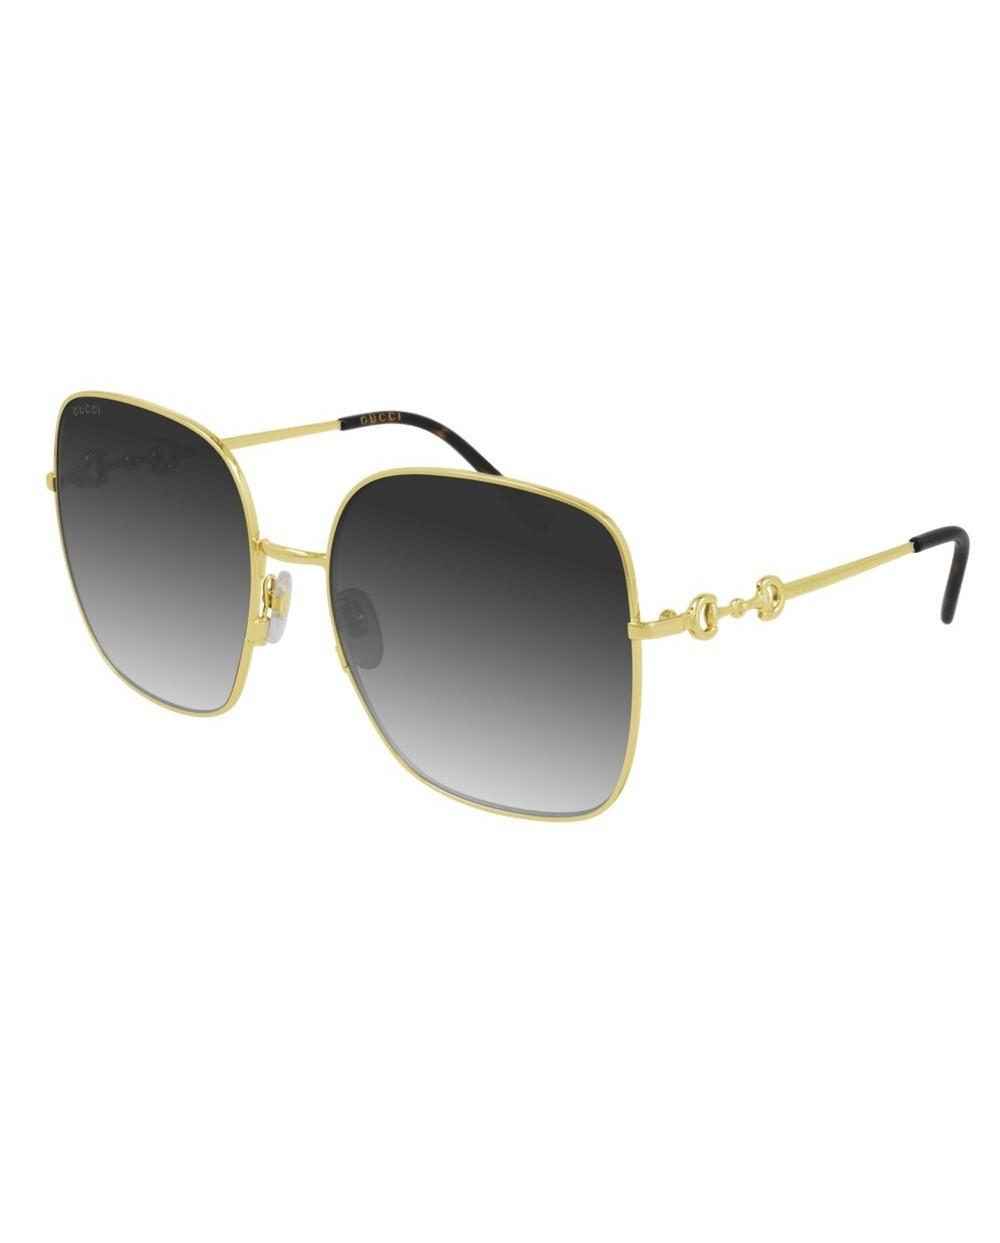 Occhiale da sole Gucci GG 0879S originale garanzia italia